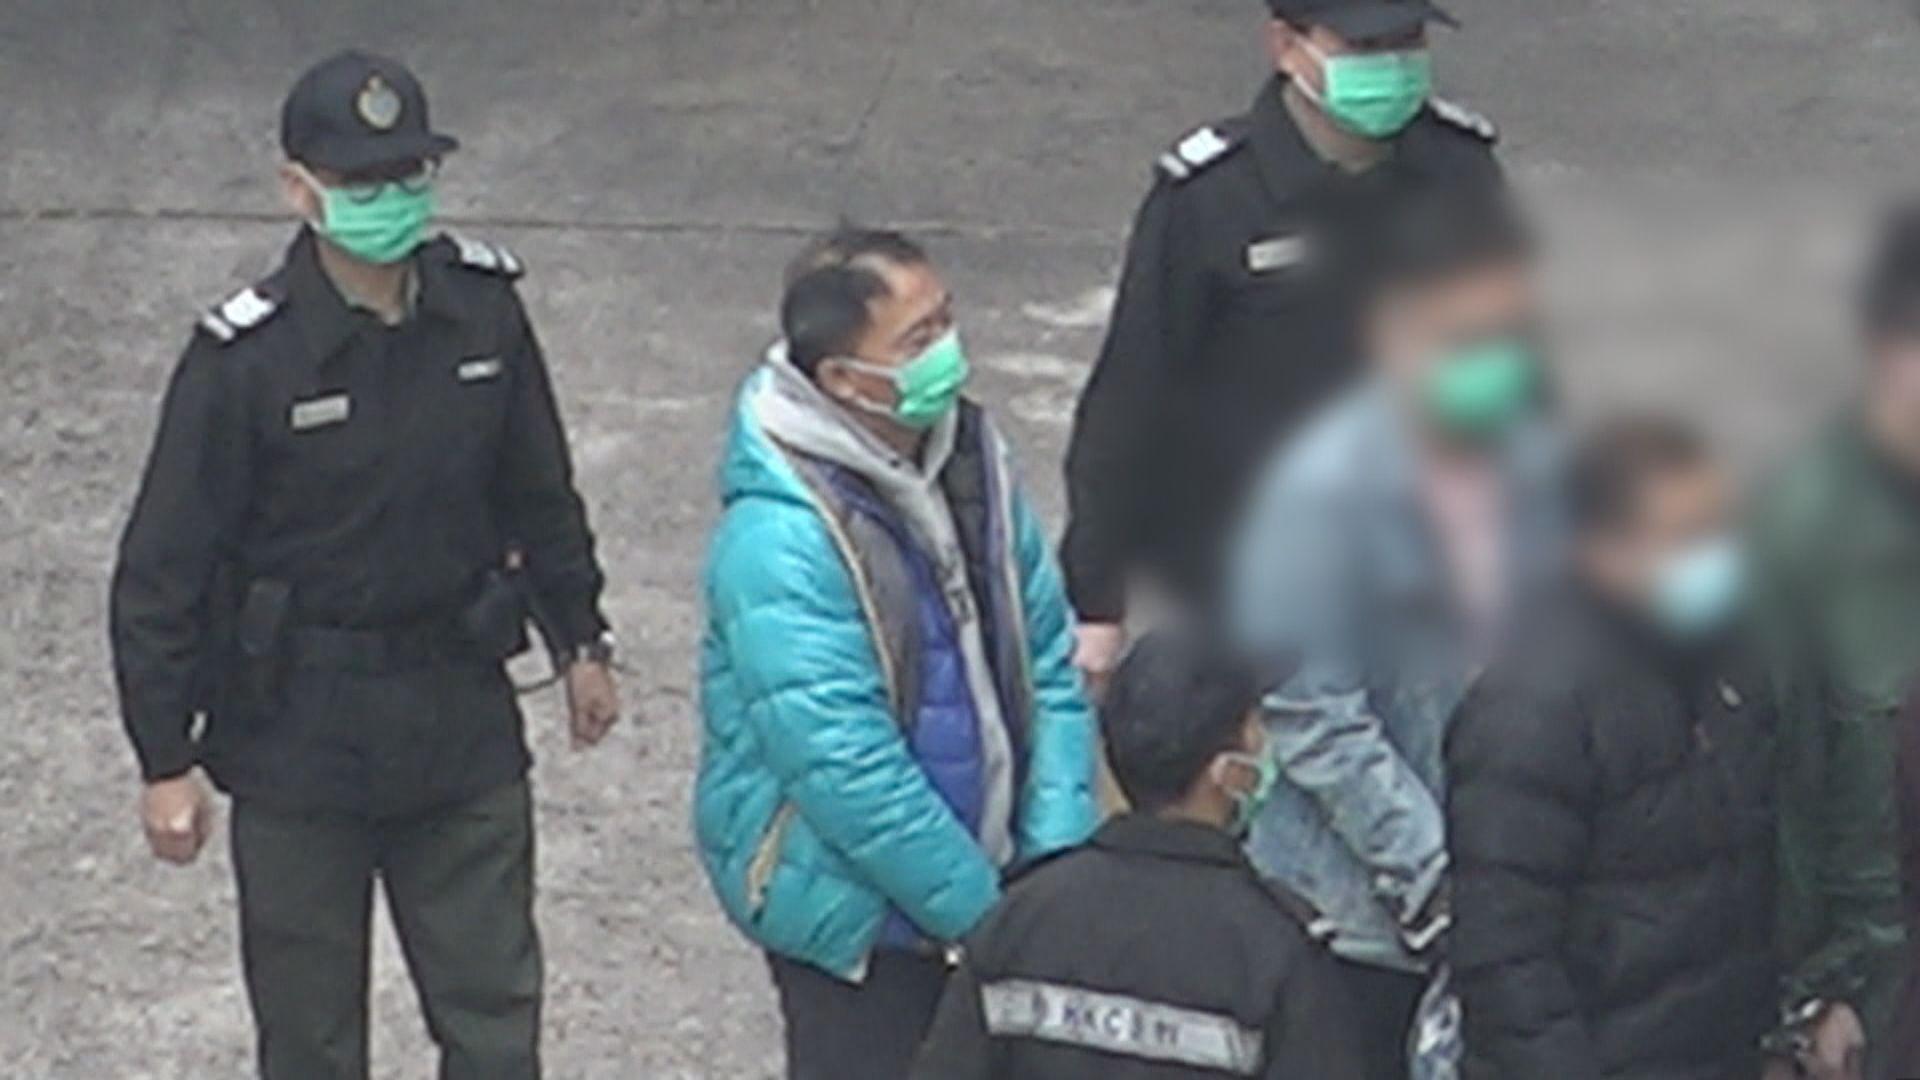 懲教署拒批胡志偉奔喪申請 首安排視像方式參與